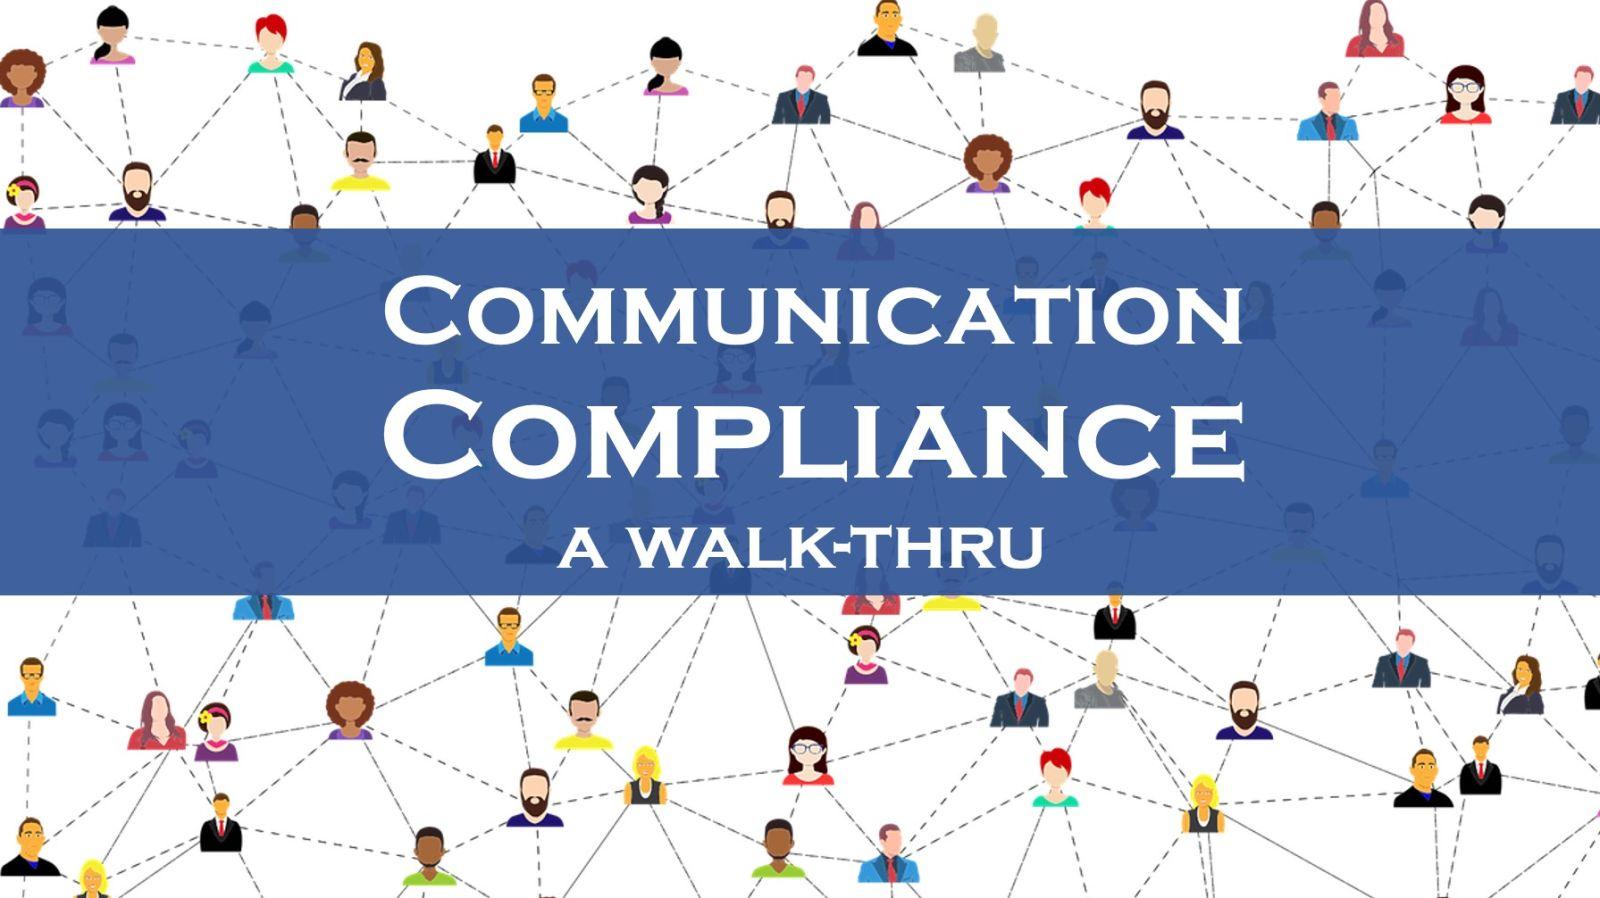 nguoidentubinhduong Communication Compliance